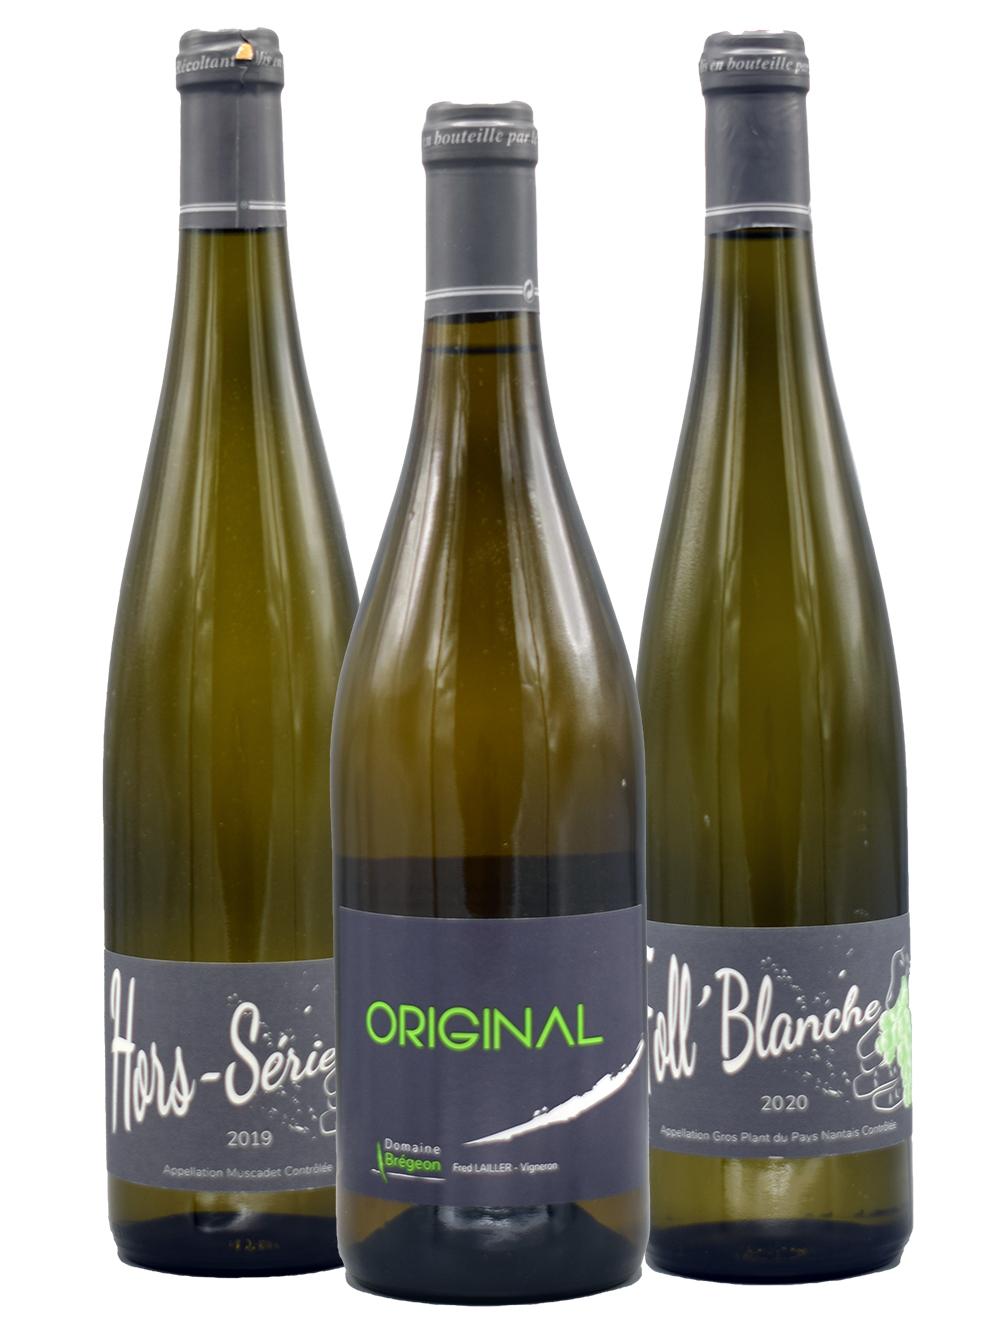 Ontdek de wijnen van Domaine Brégeon